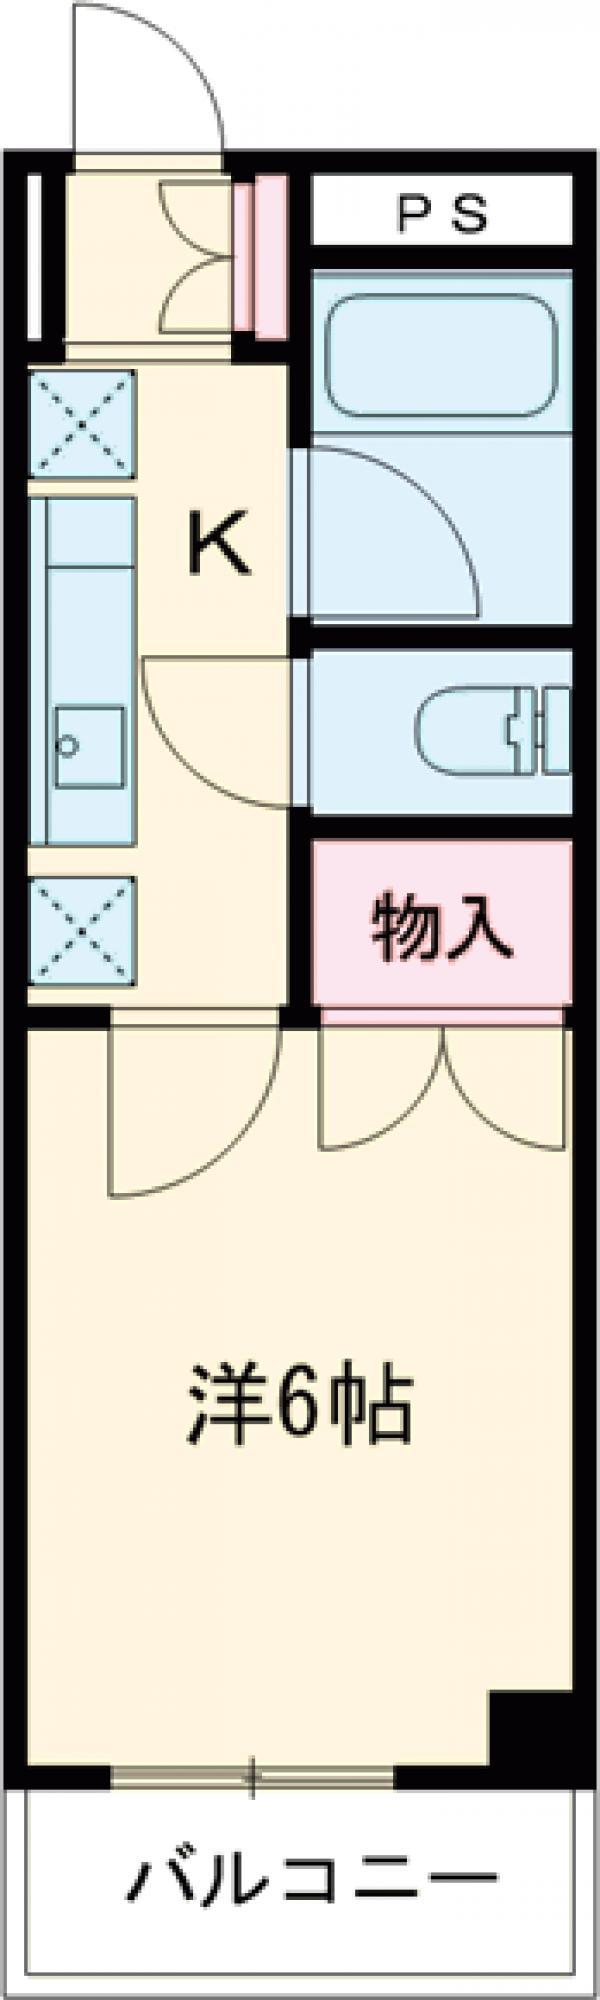 クーノス片倉・203号室の間取り